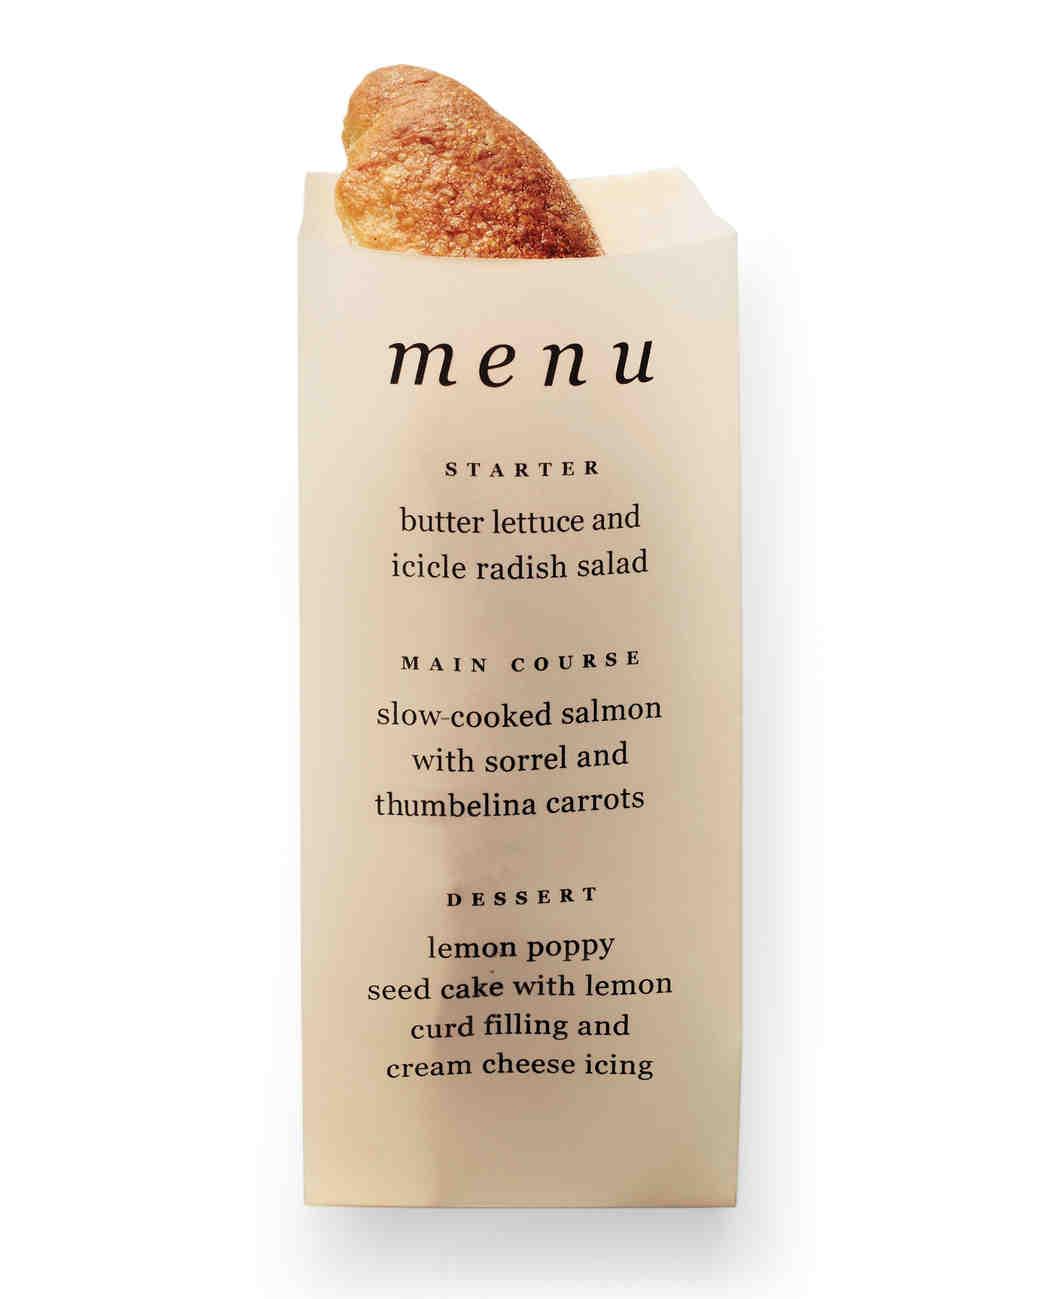 bread-menu-003-mwd109576.jpg